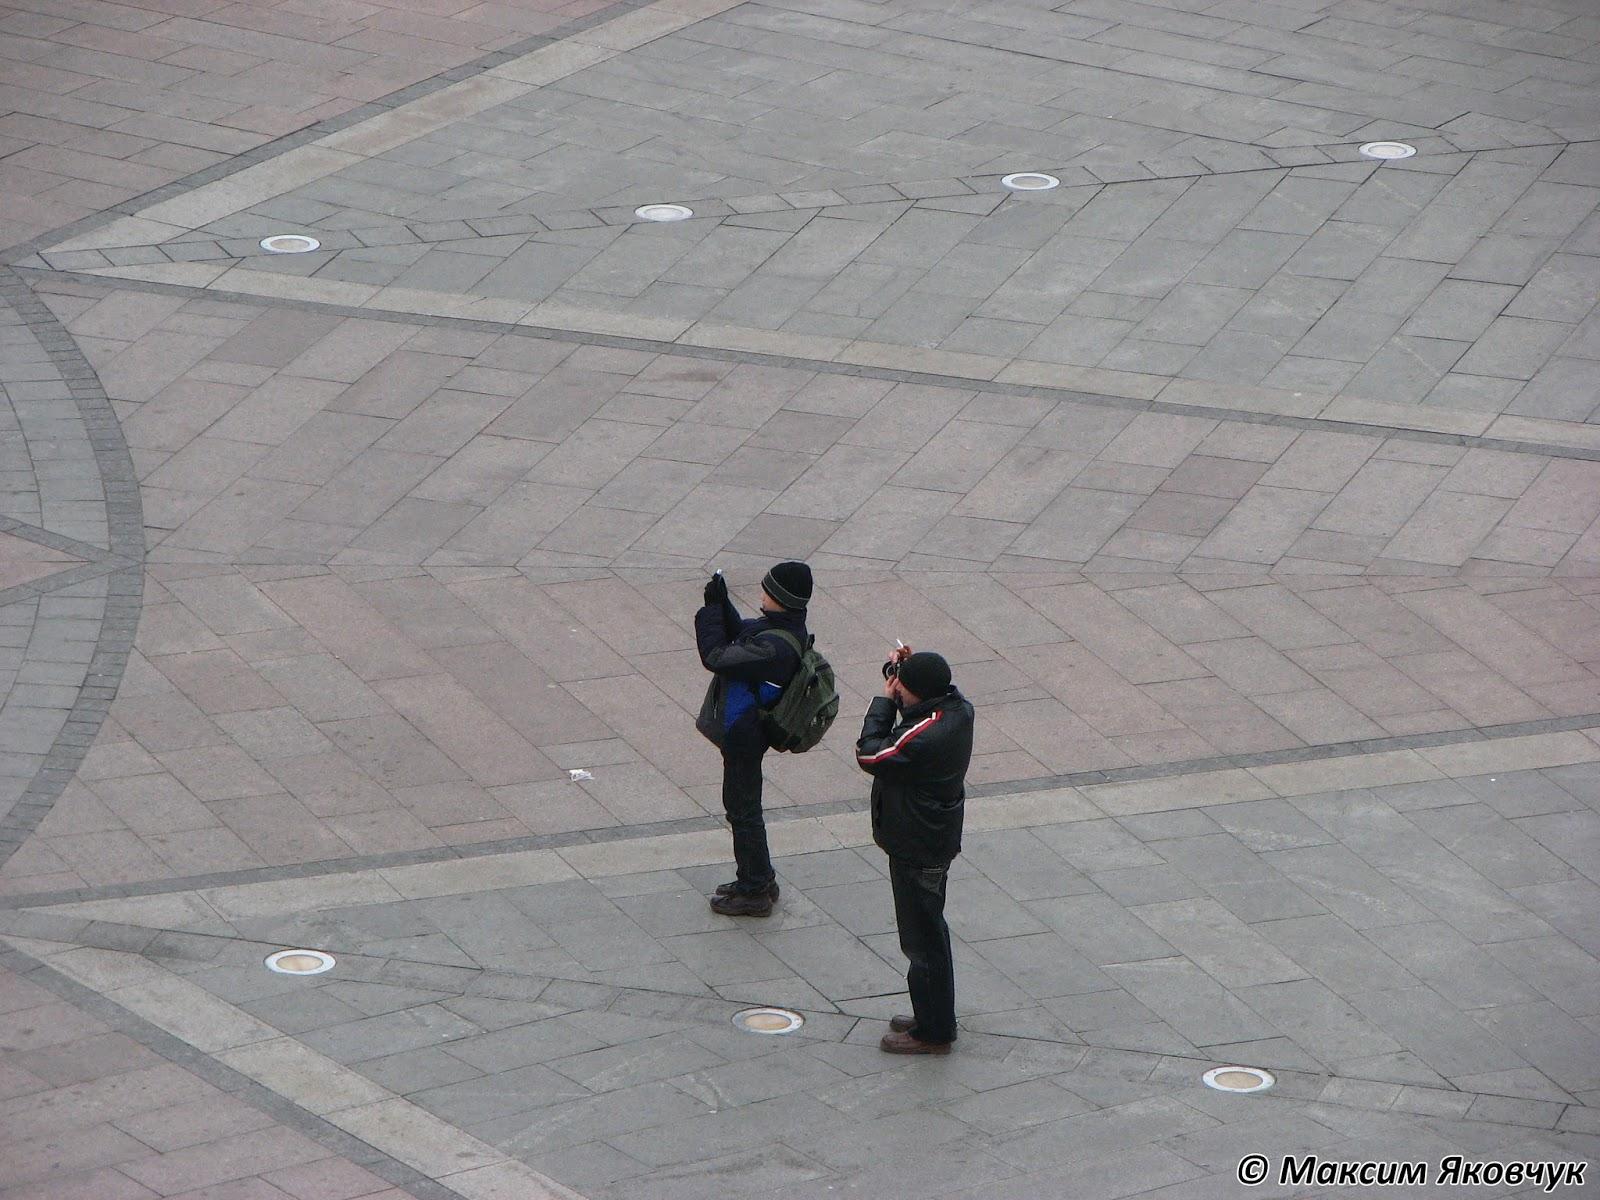 Фотограф Максим Яковчук: Photogrammer – творча співдружність: Фото дня від 8 березня 2018 року на сайті photogrammer.com.ua | Автор фото: Максим Яковчук | Назва фото: Родинне фото (перше) |